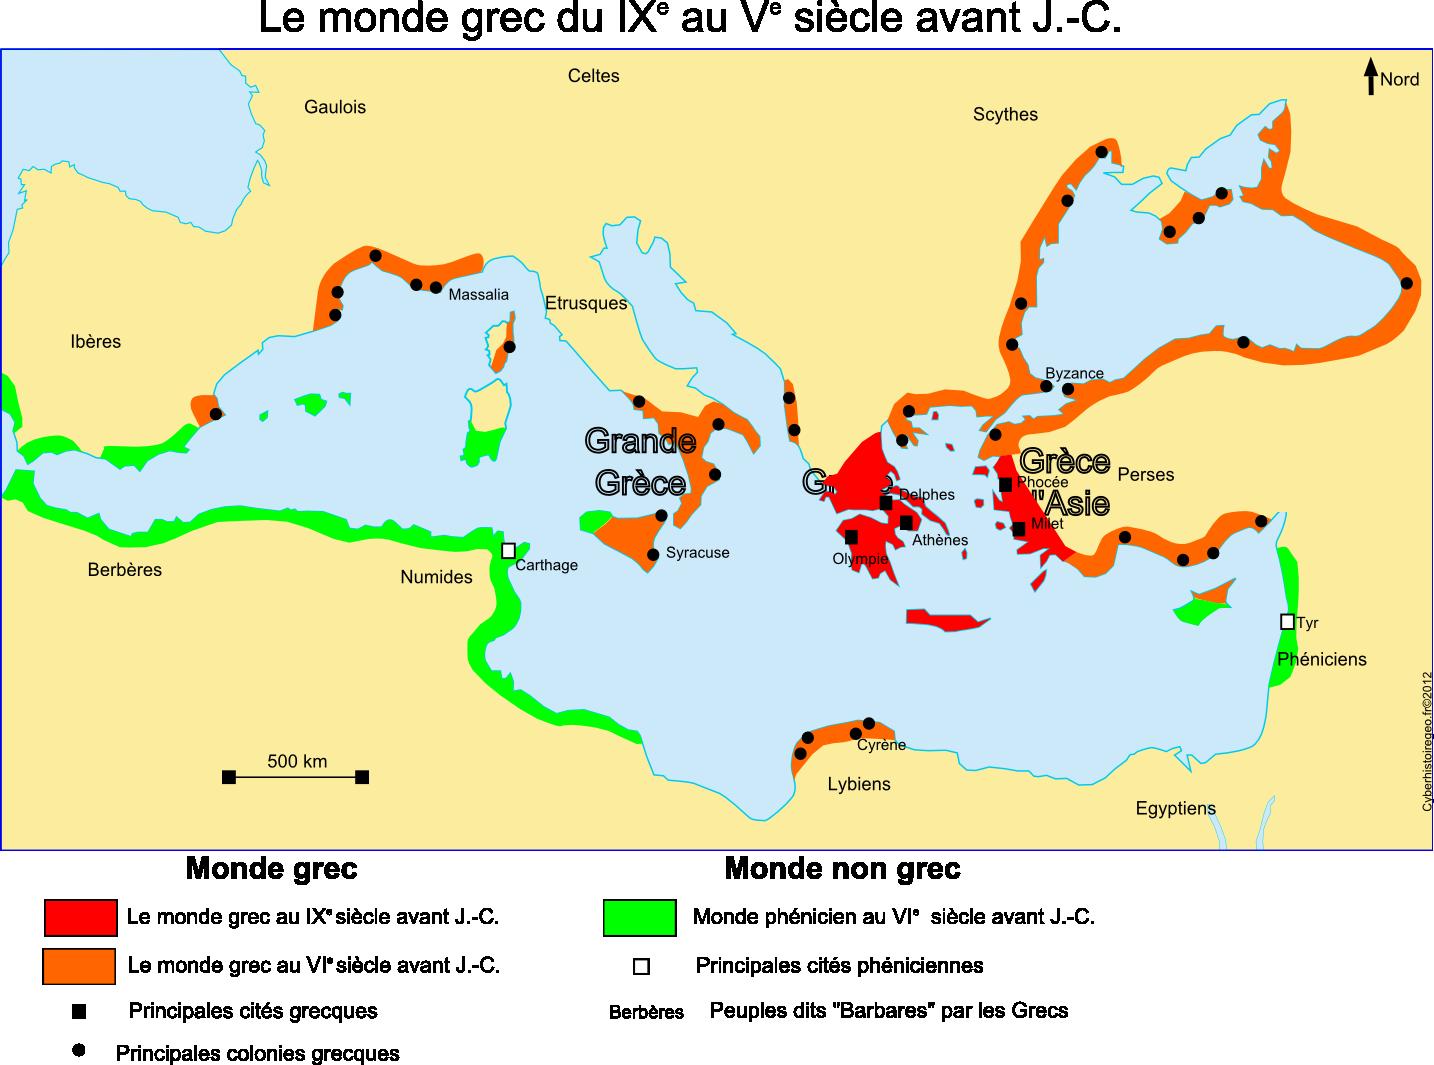 Le monde grec du IXe au Ve siècles avant J. C. (carte et fond de